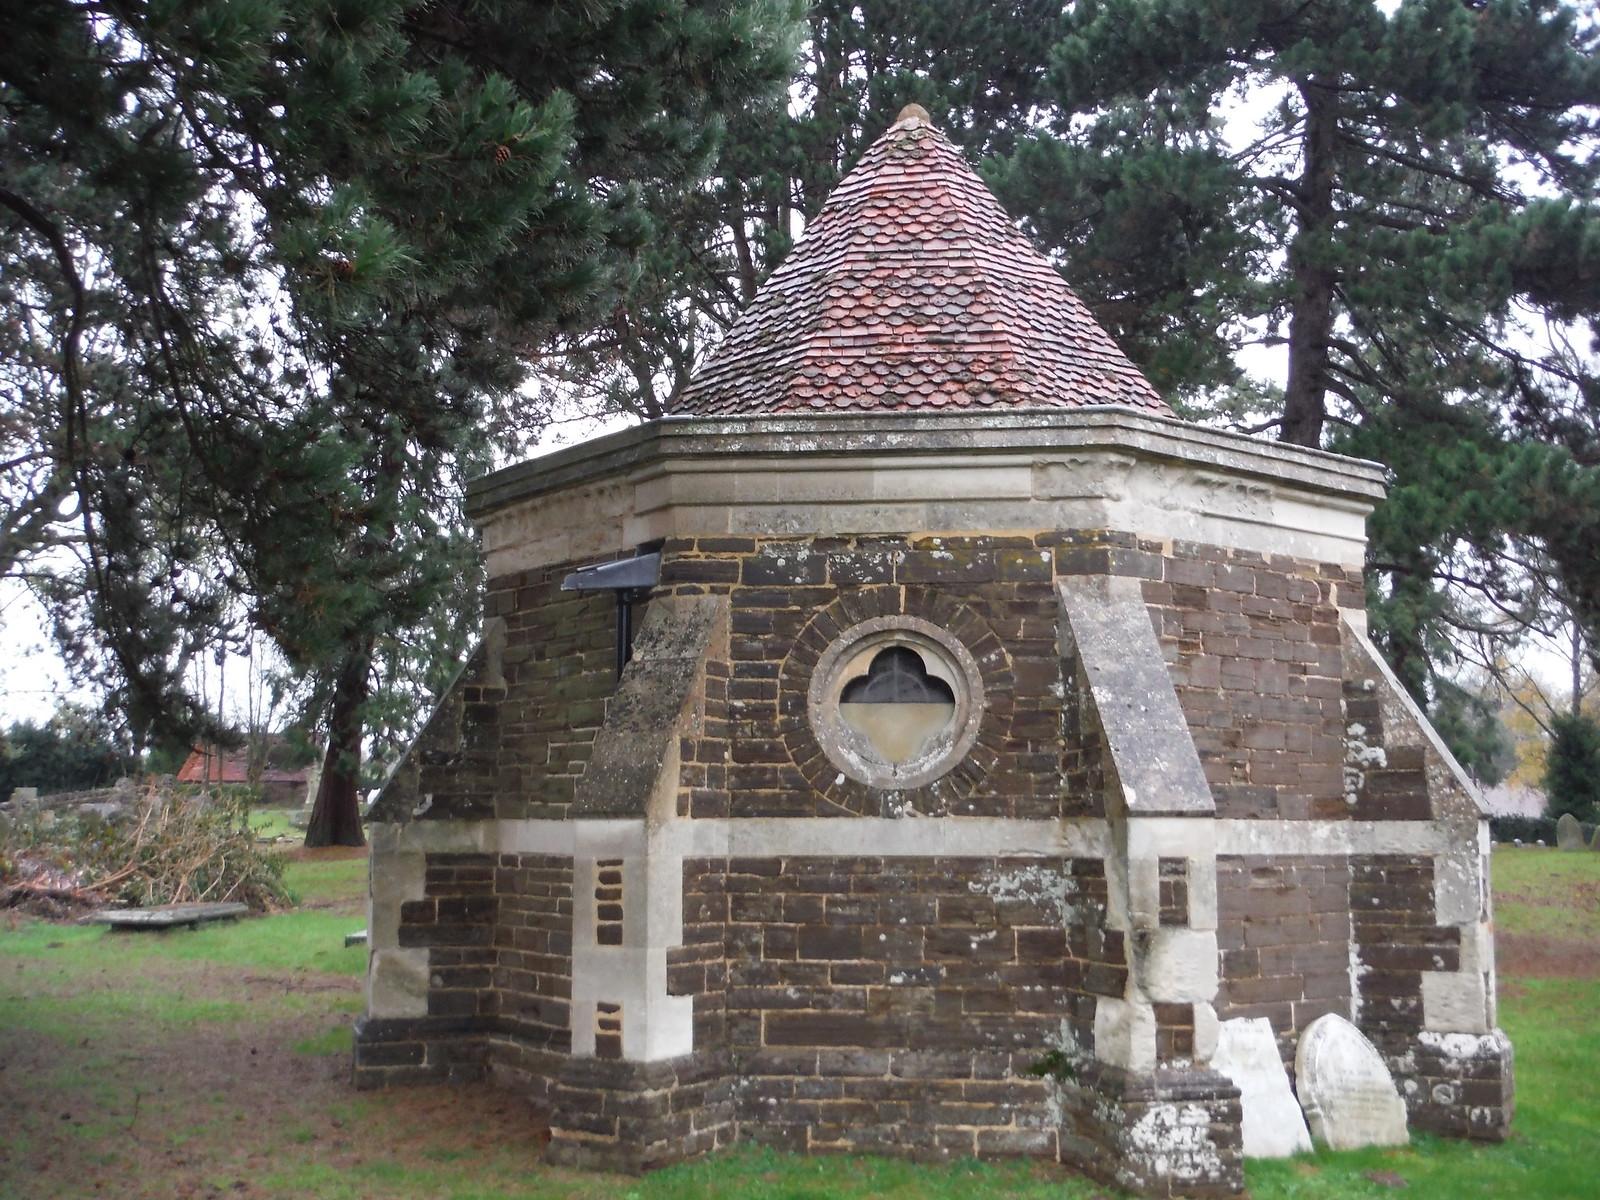 Ailesbury Mausoleum & Crypt, Maulden (II) SWC Walk 232 Lidlington to Flitwick